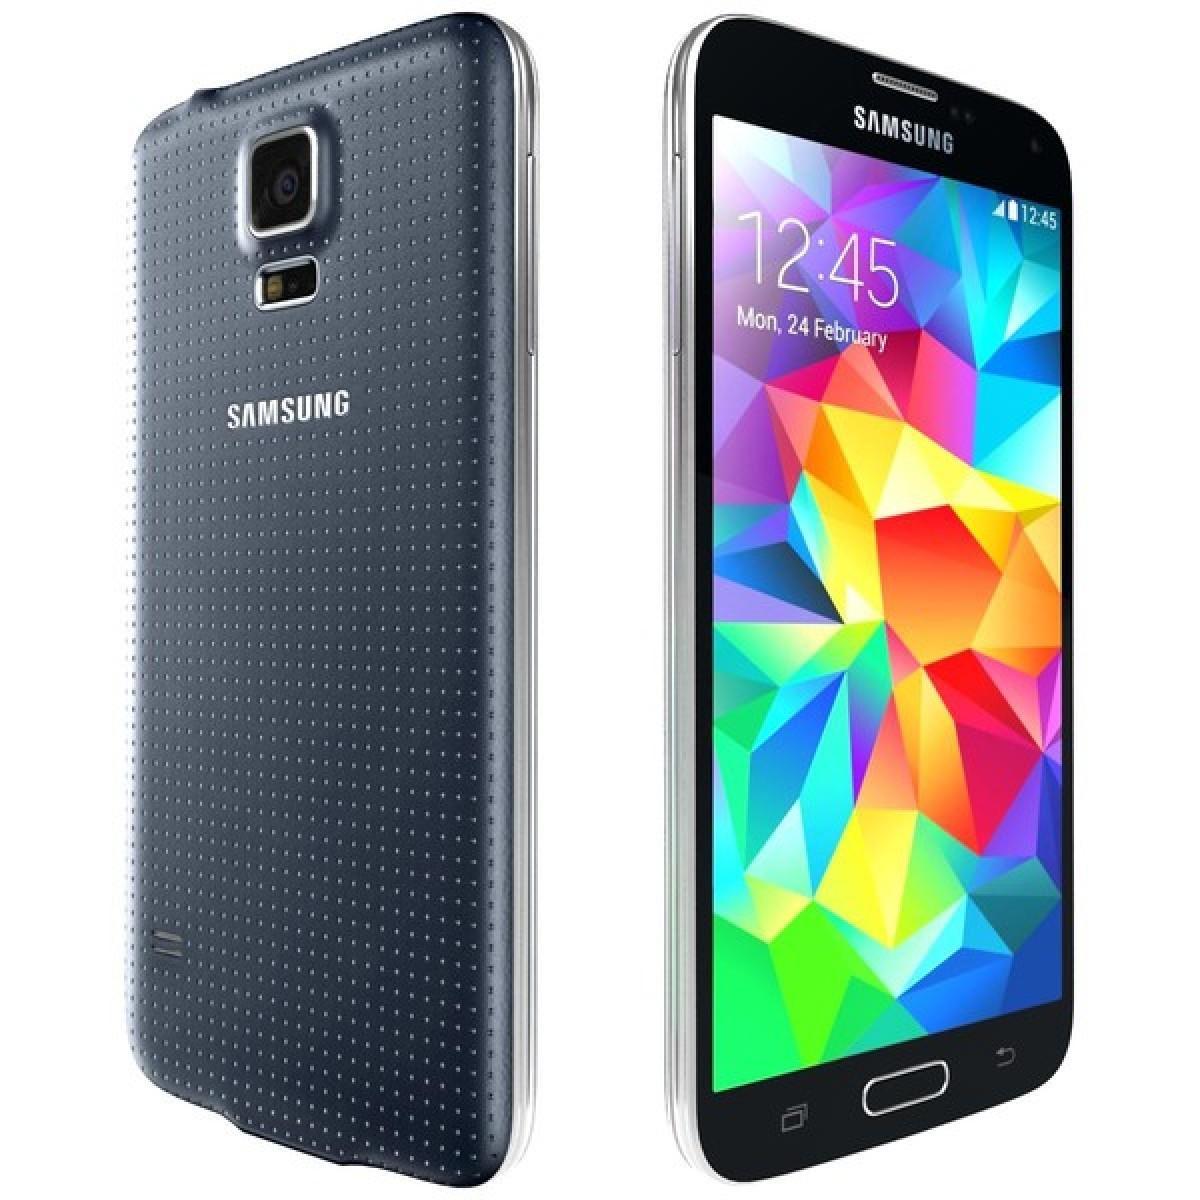 Samsung Galaxy S5 16 Go G900F 4G - Noir - SFR